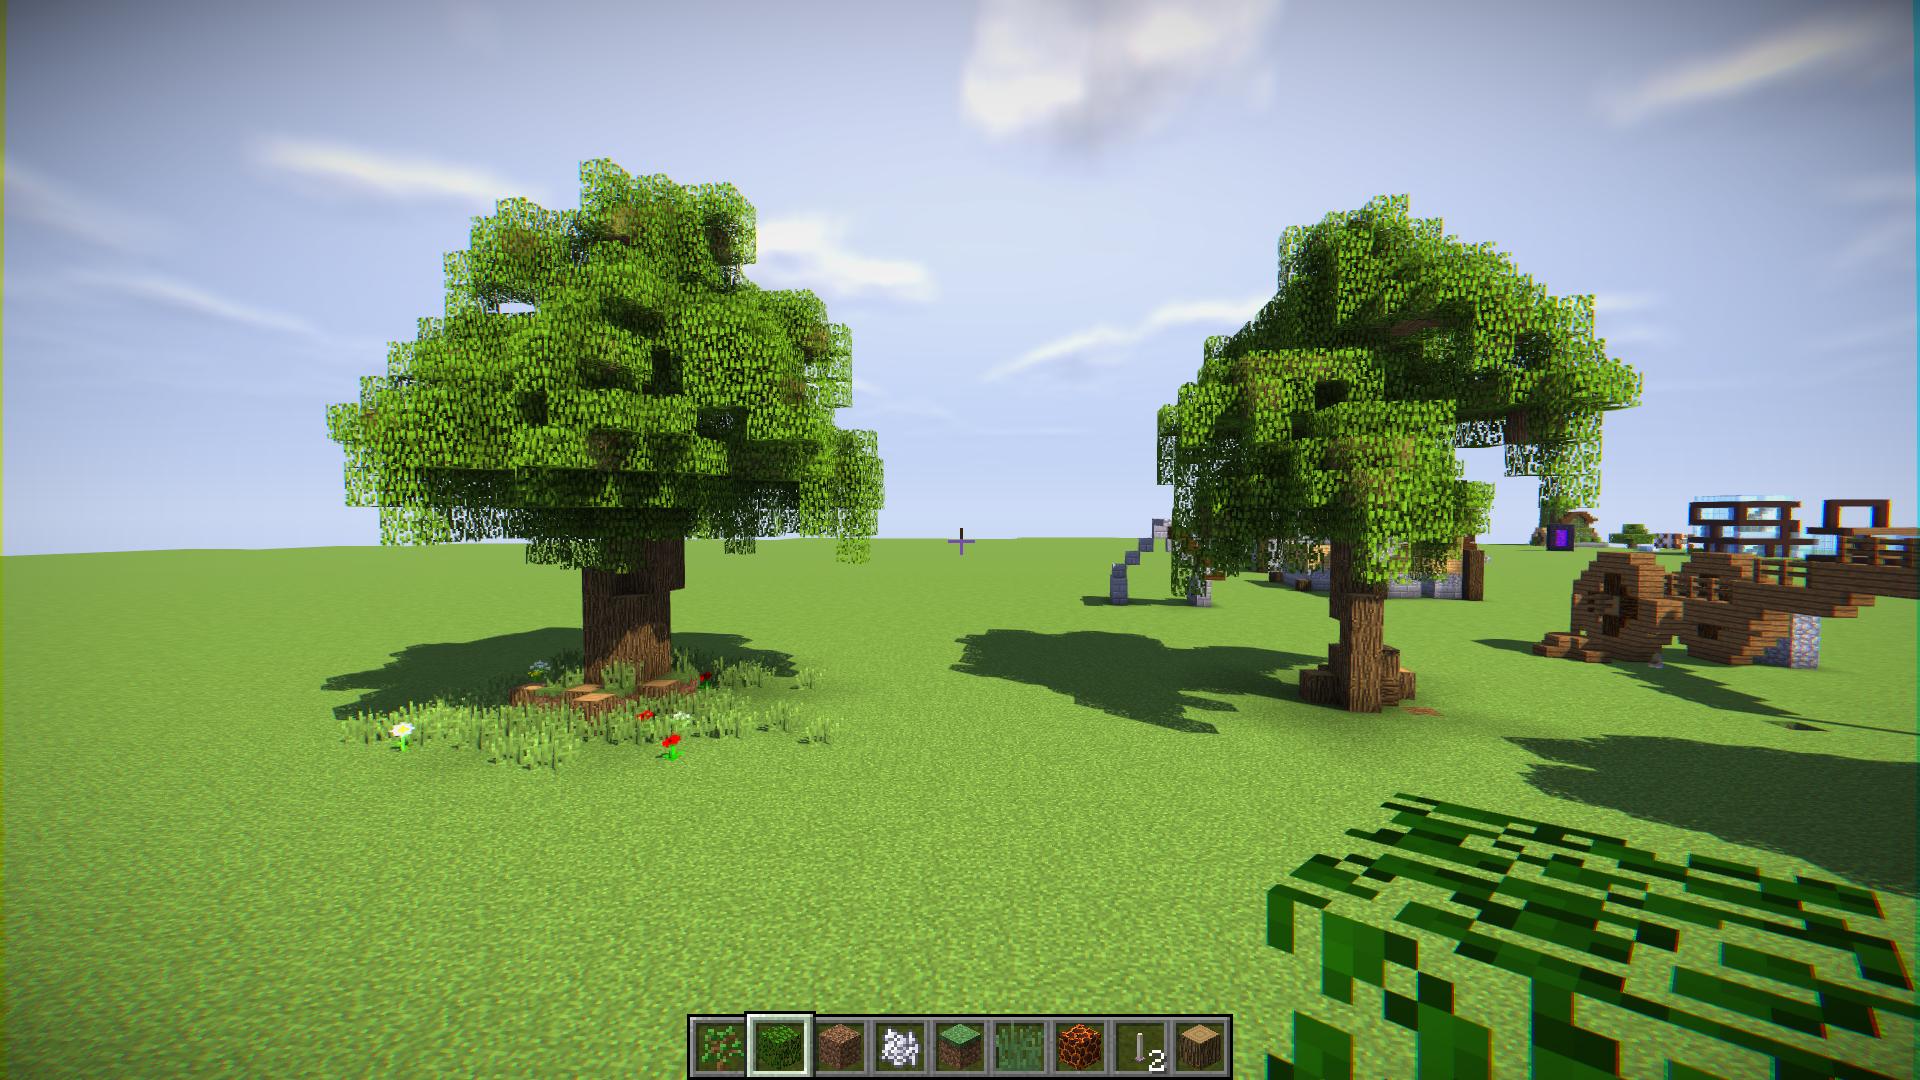 особняки картинка дерева из майнкрафта идеальный вариант